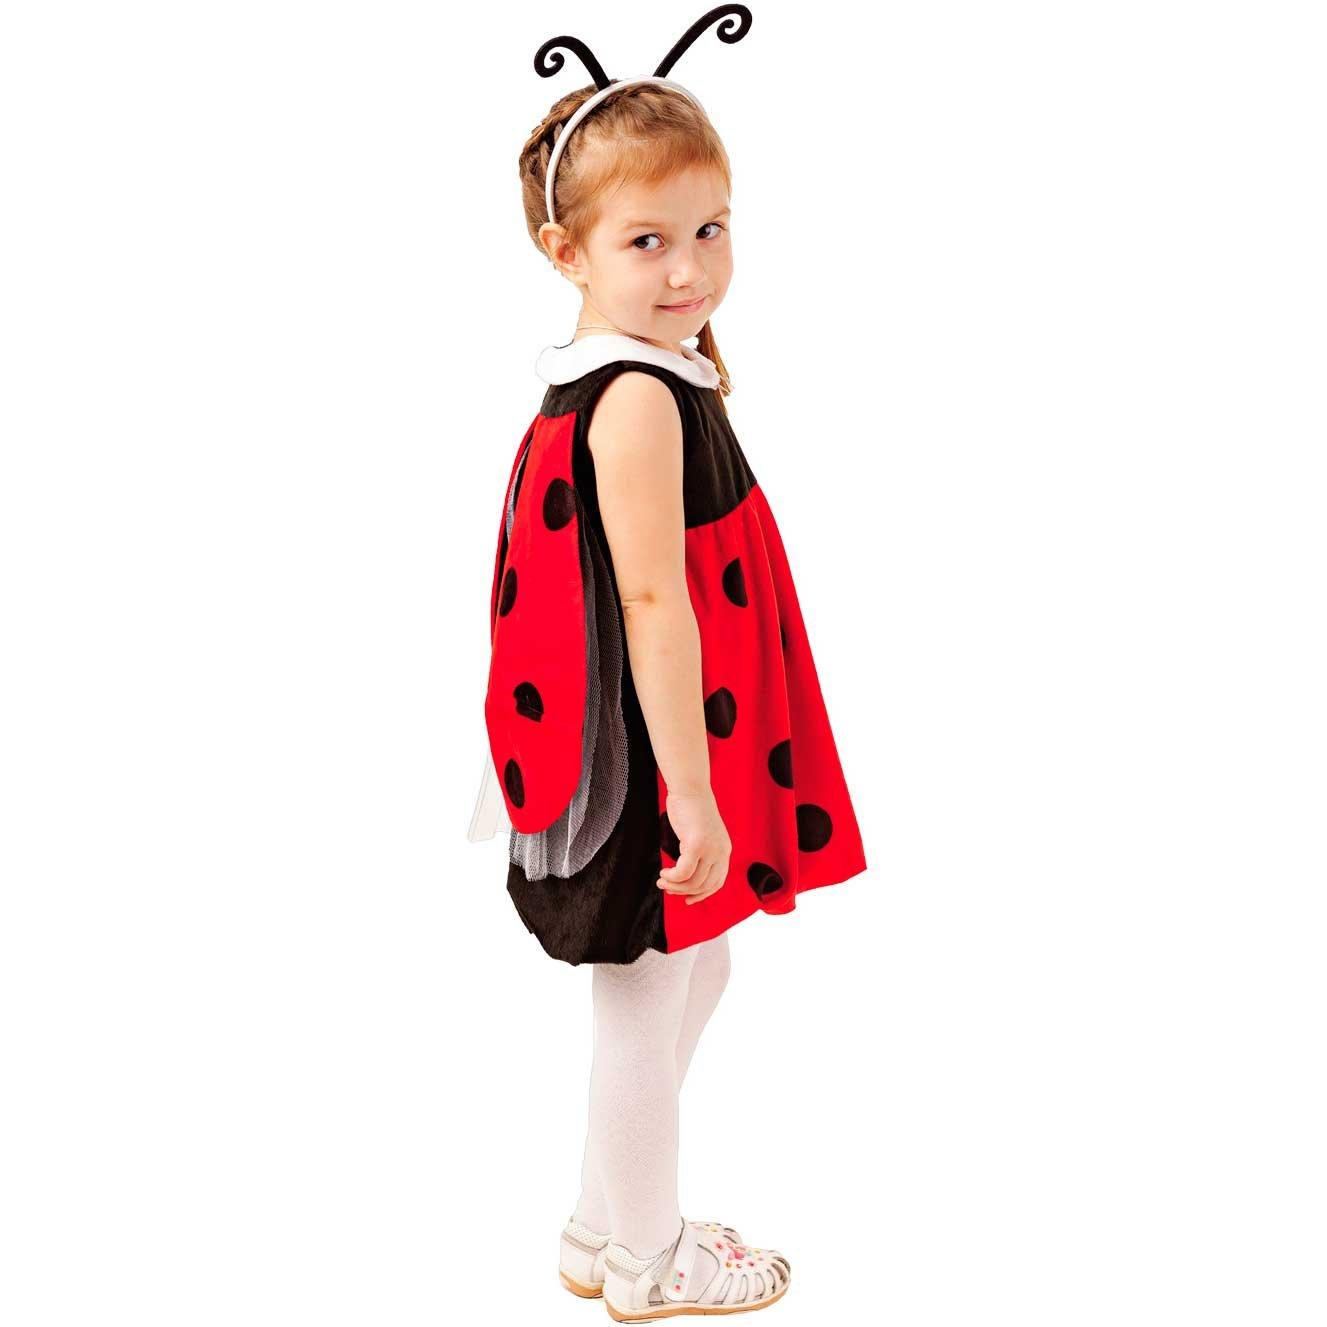 846e0a82a78 Карнавальный костюм Божья коровка 923 к-18 - купить в интернет ...